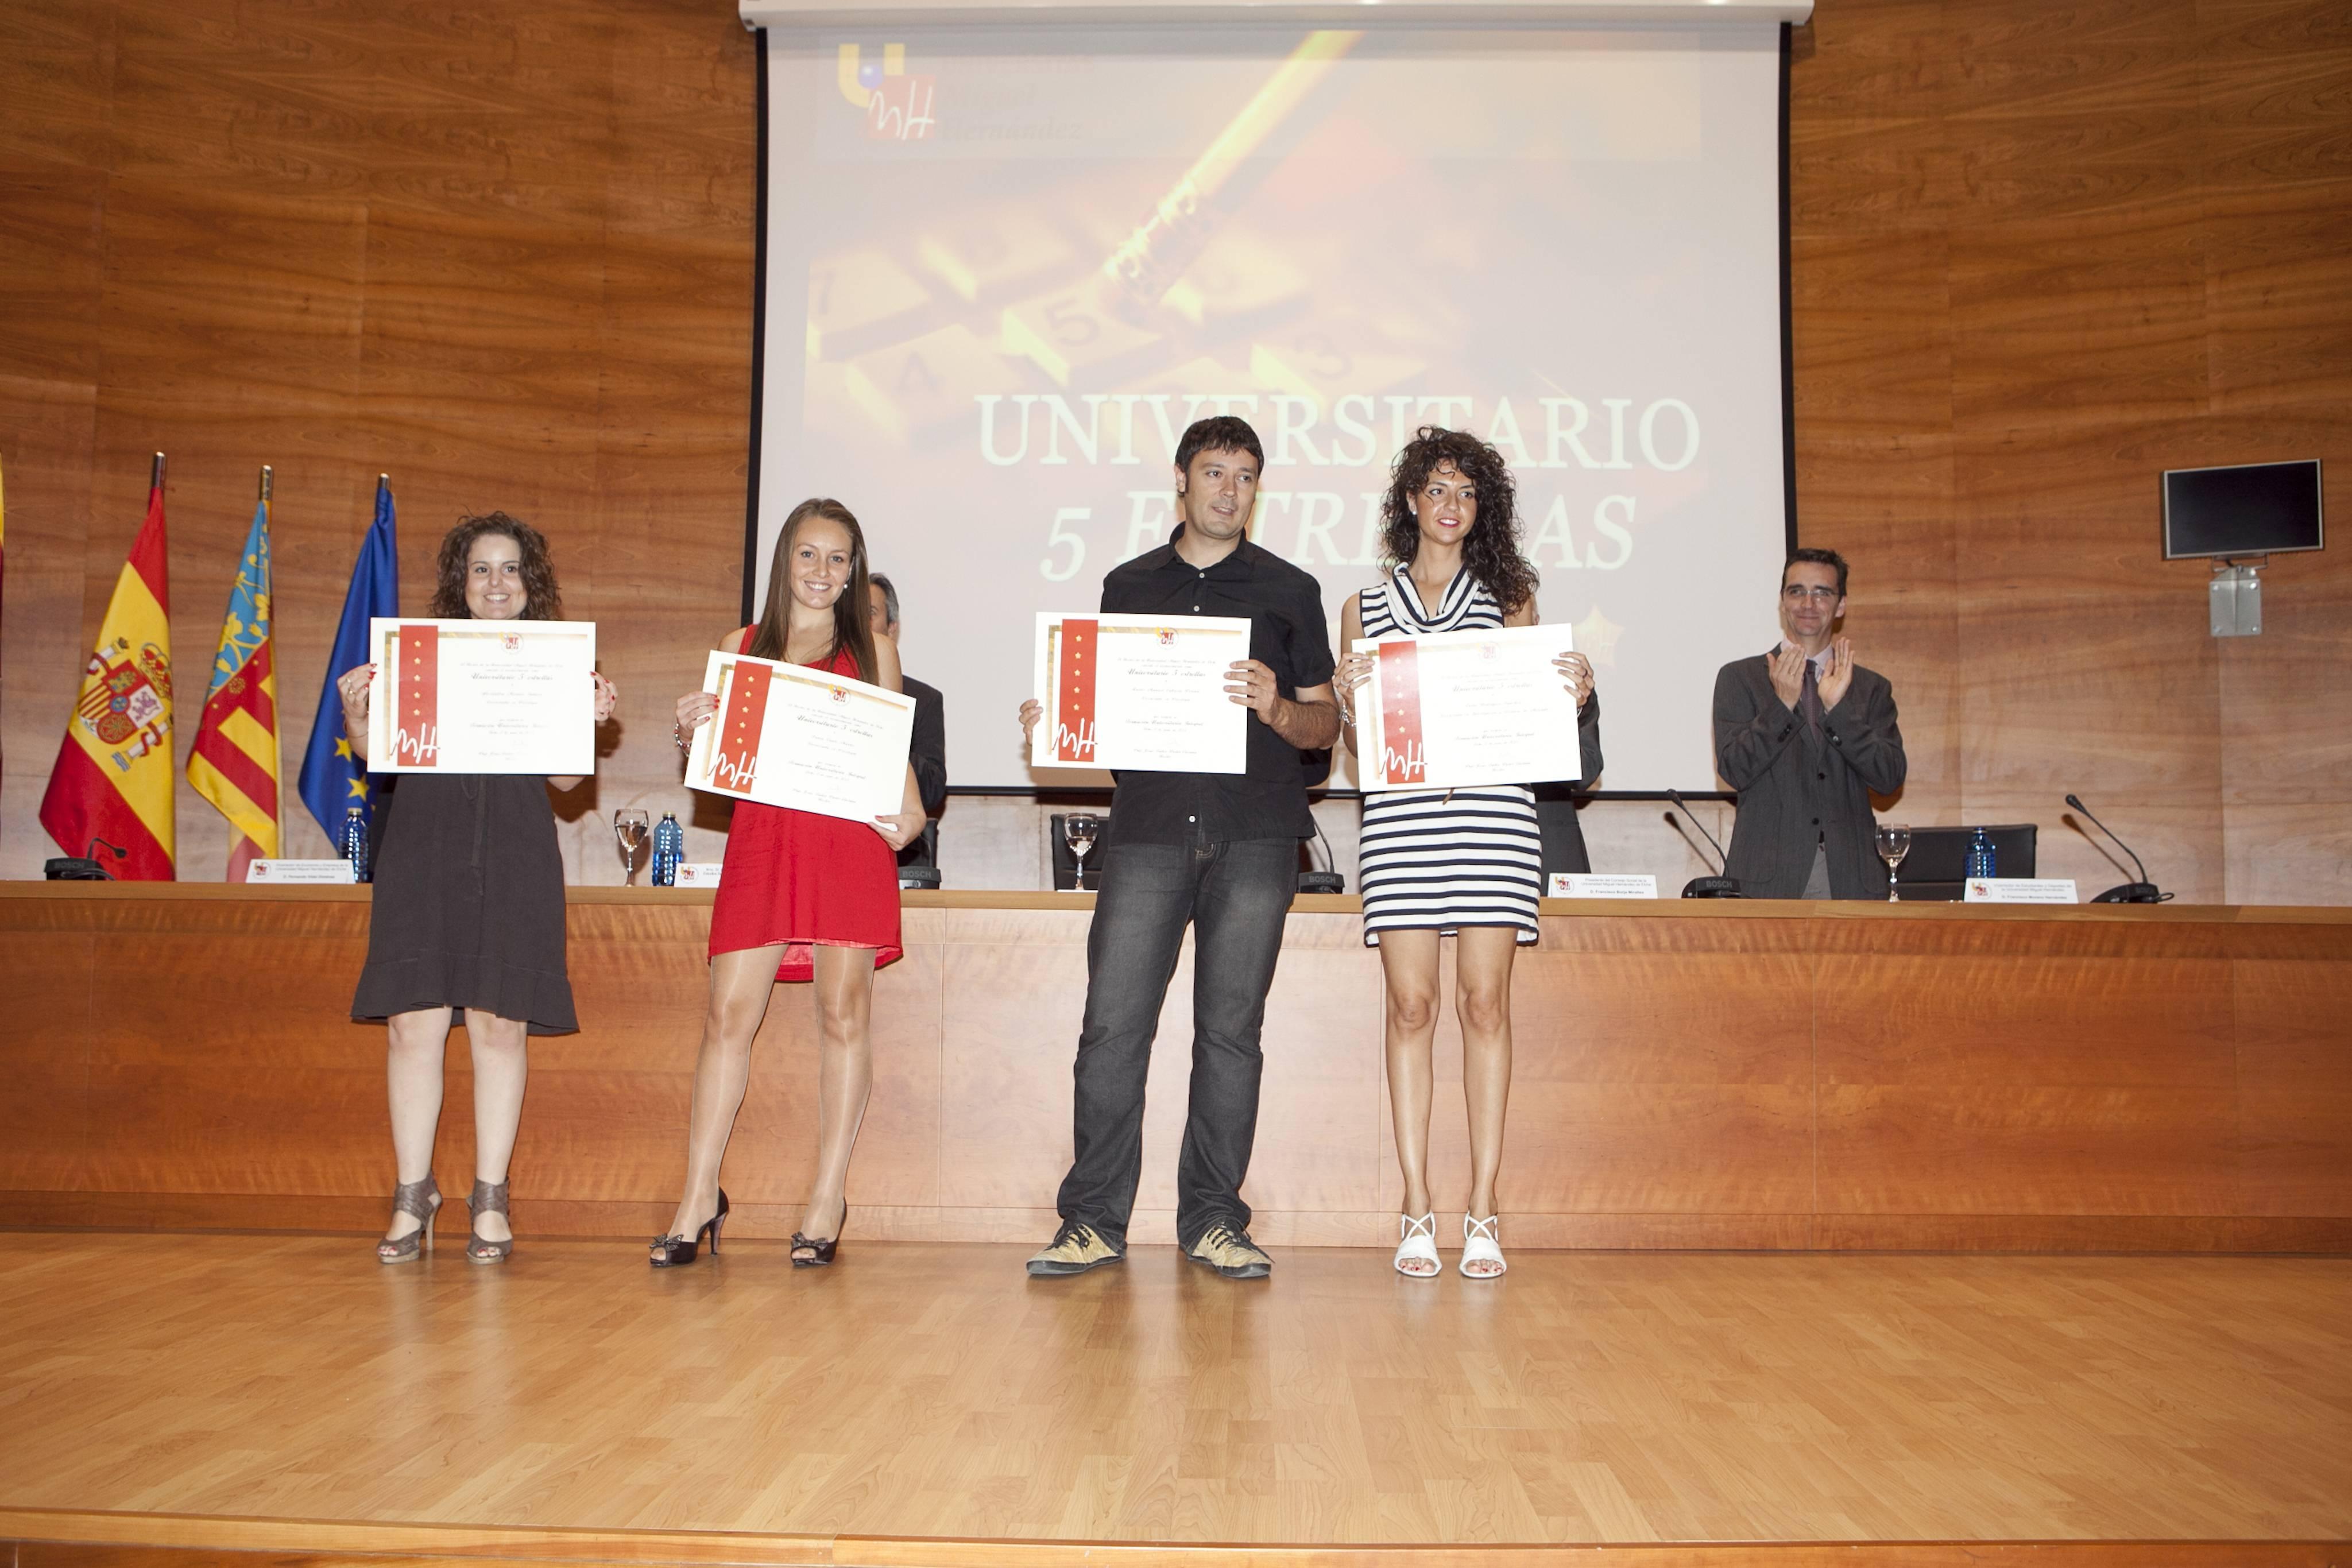 premios-5-estrellas_mg_0615.jpg